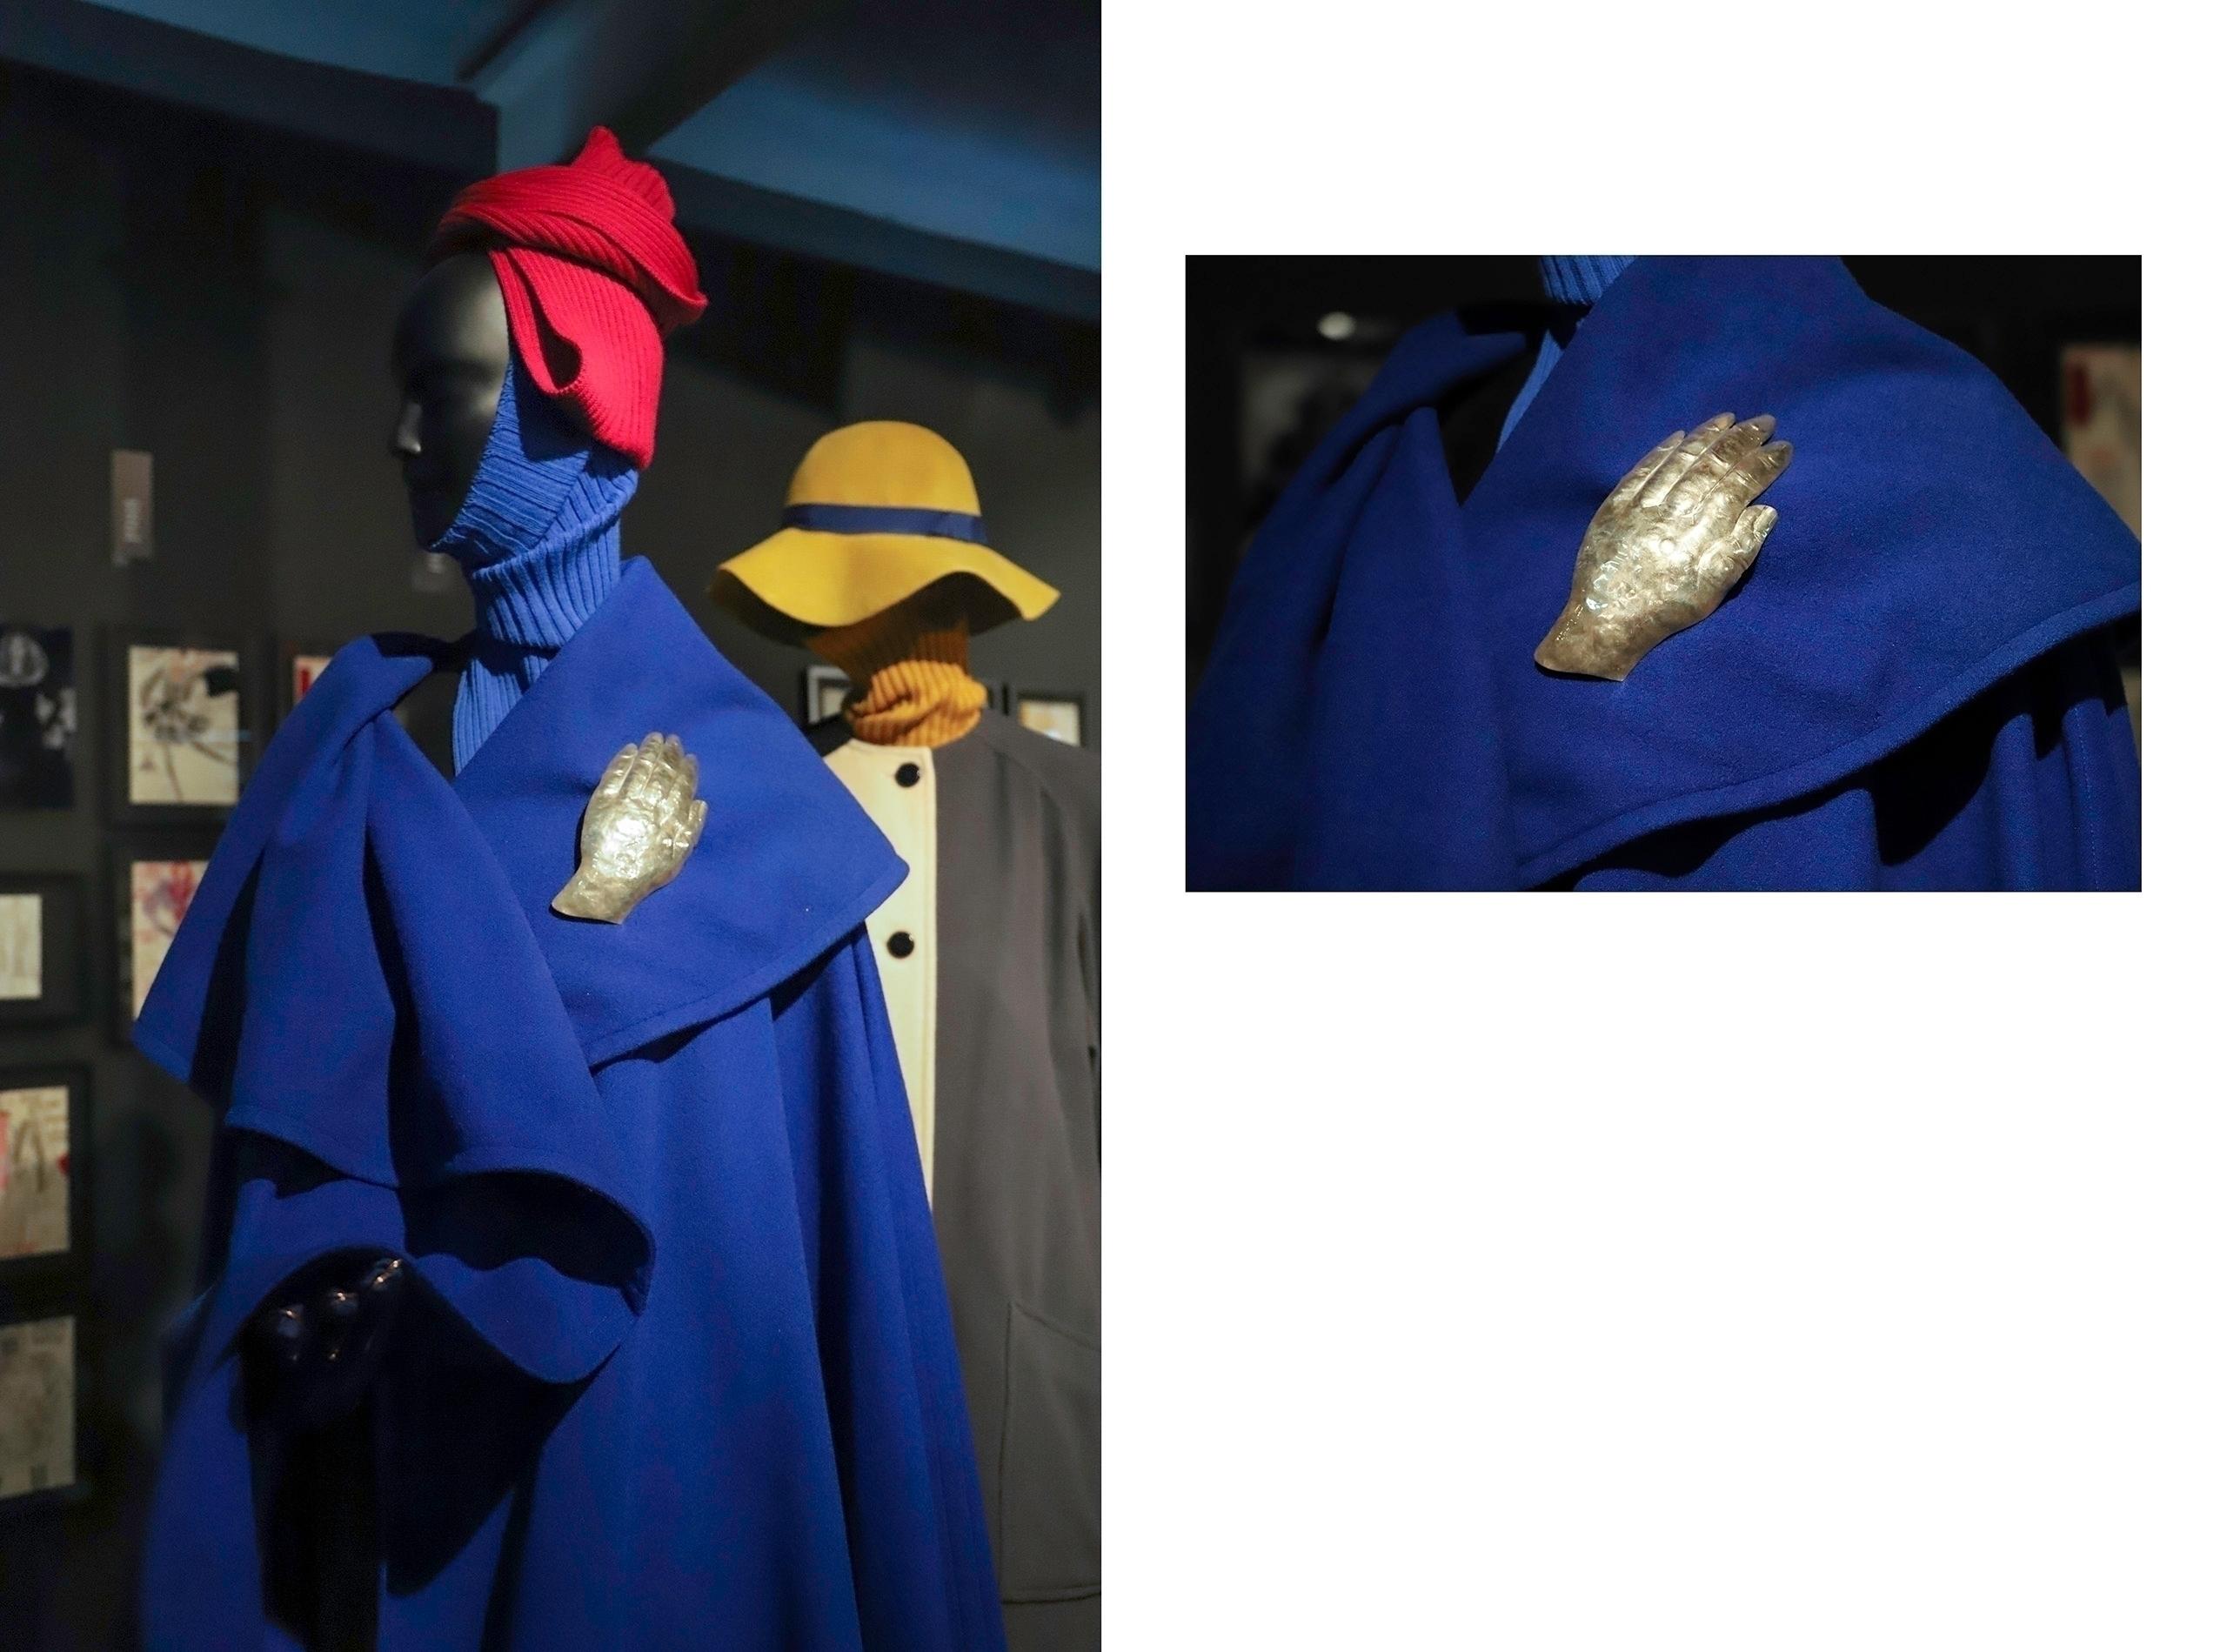 Obraz przedstawia dwa zdjęcia. Na jednym widzimy manekina ubranego w niebieski płaszcz, na drugim zbliżenie na złotą broszkę przypiętą do płaszcza.